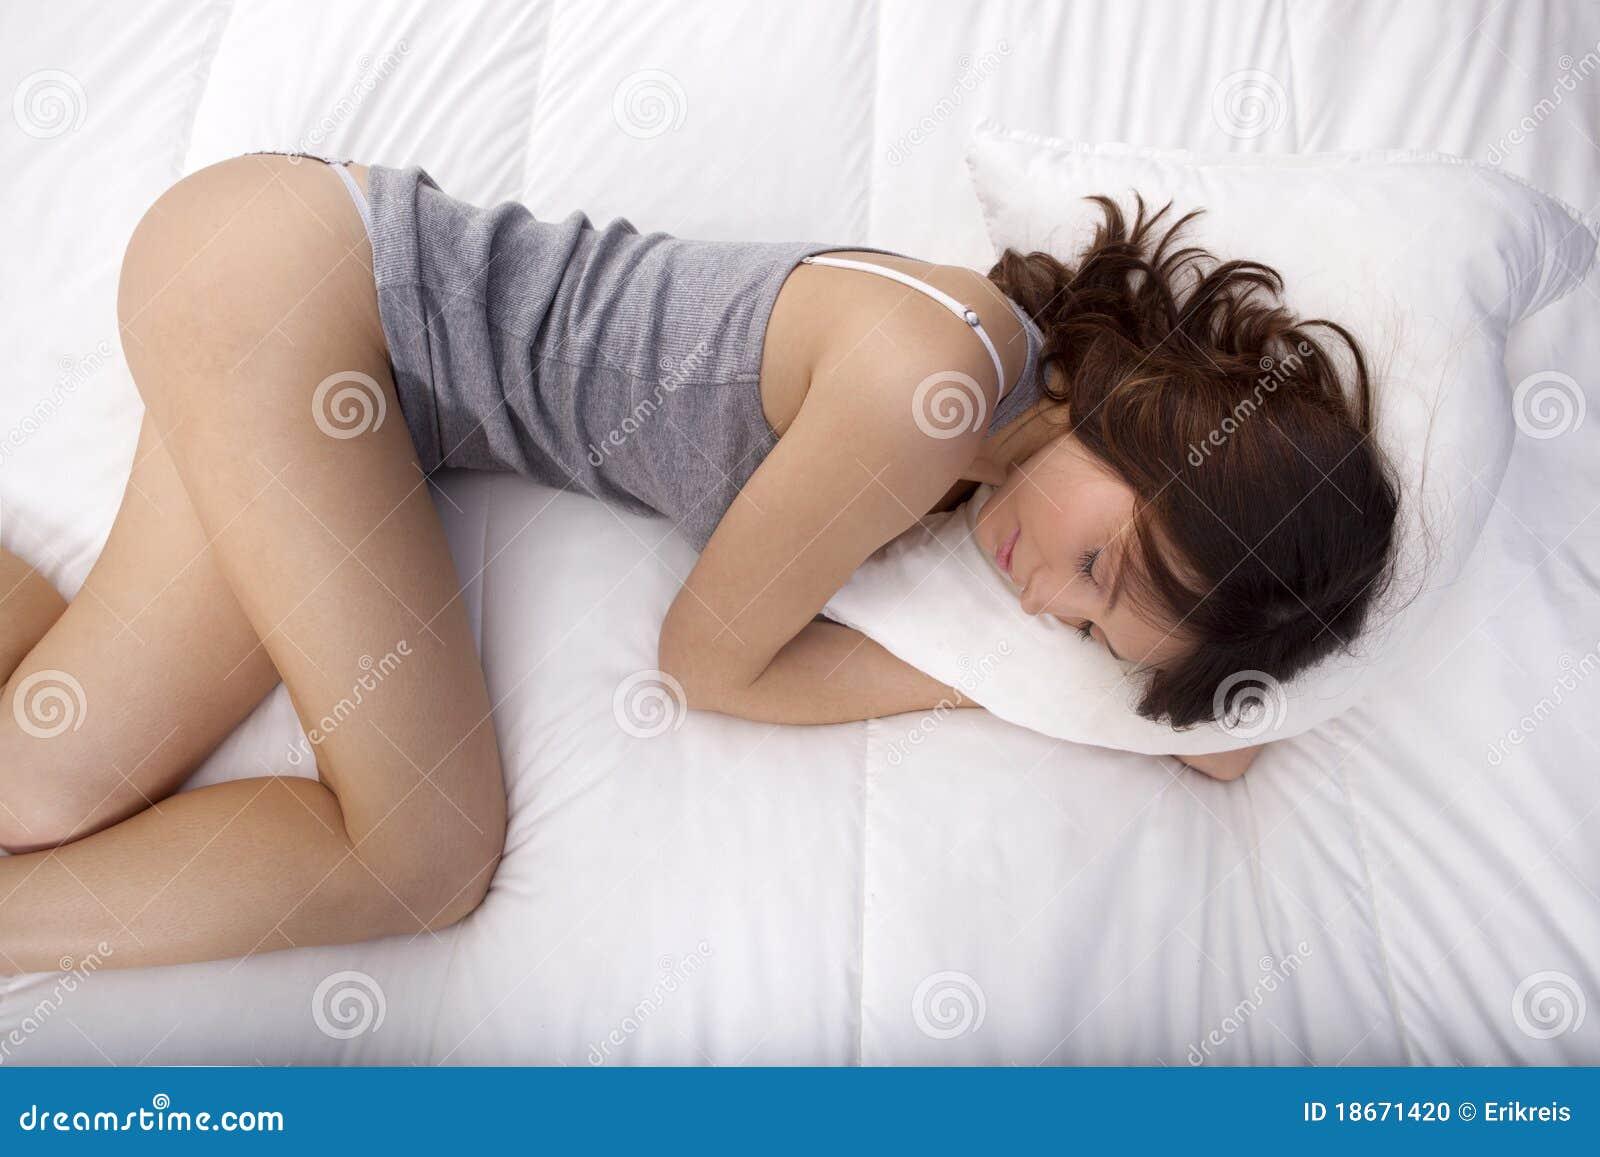 Фото спящих в нижнем белье 24 фотография